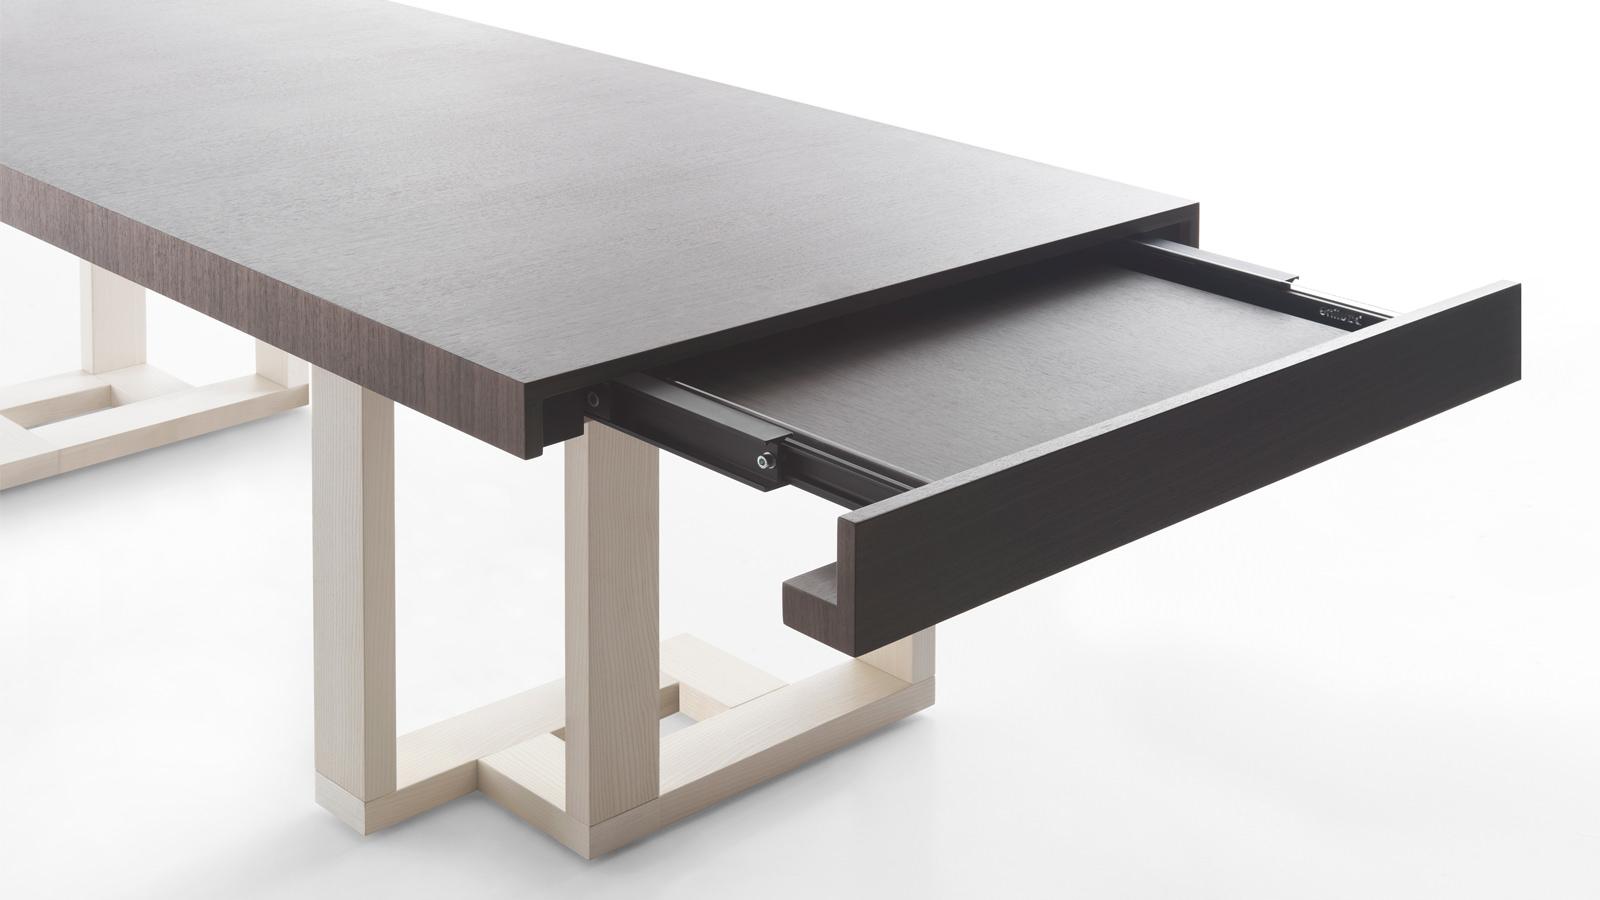 Tavoli allungabili e alzabili tavolo design rotondo allungabile con piano in vetro e basamento - Tavolo alzabile ikea ...